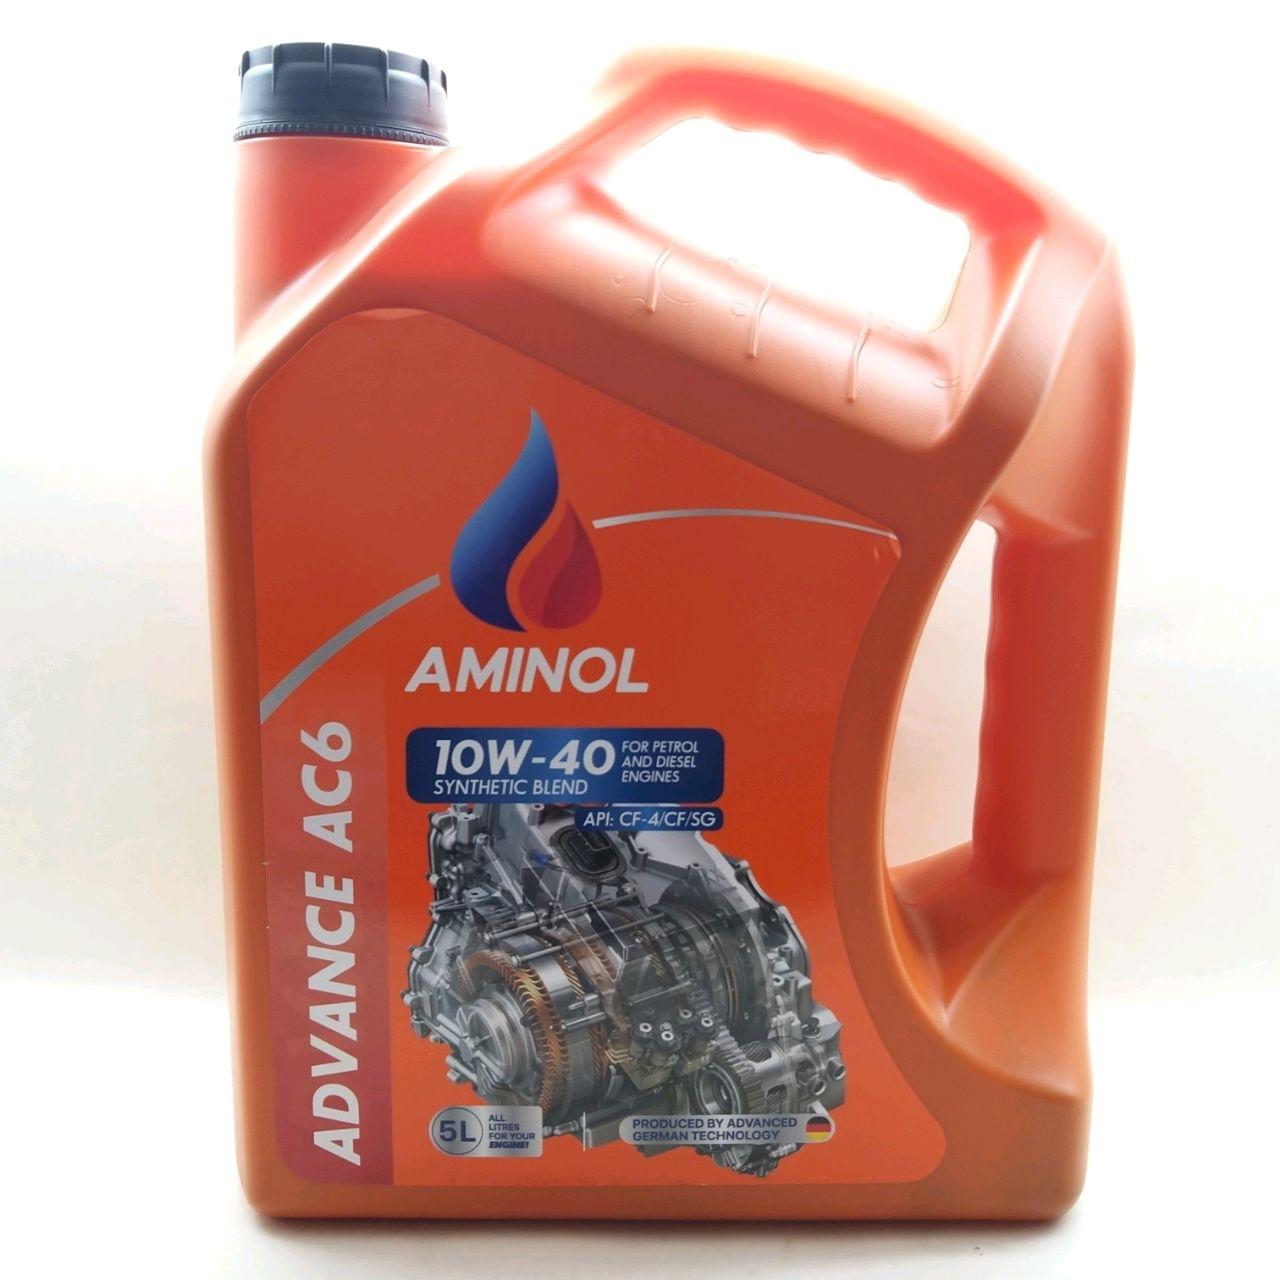 Aminol ADVANCE AC6 10w-40 (CF-4) 5L.